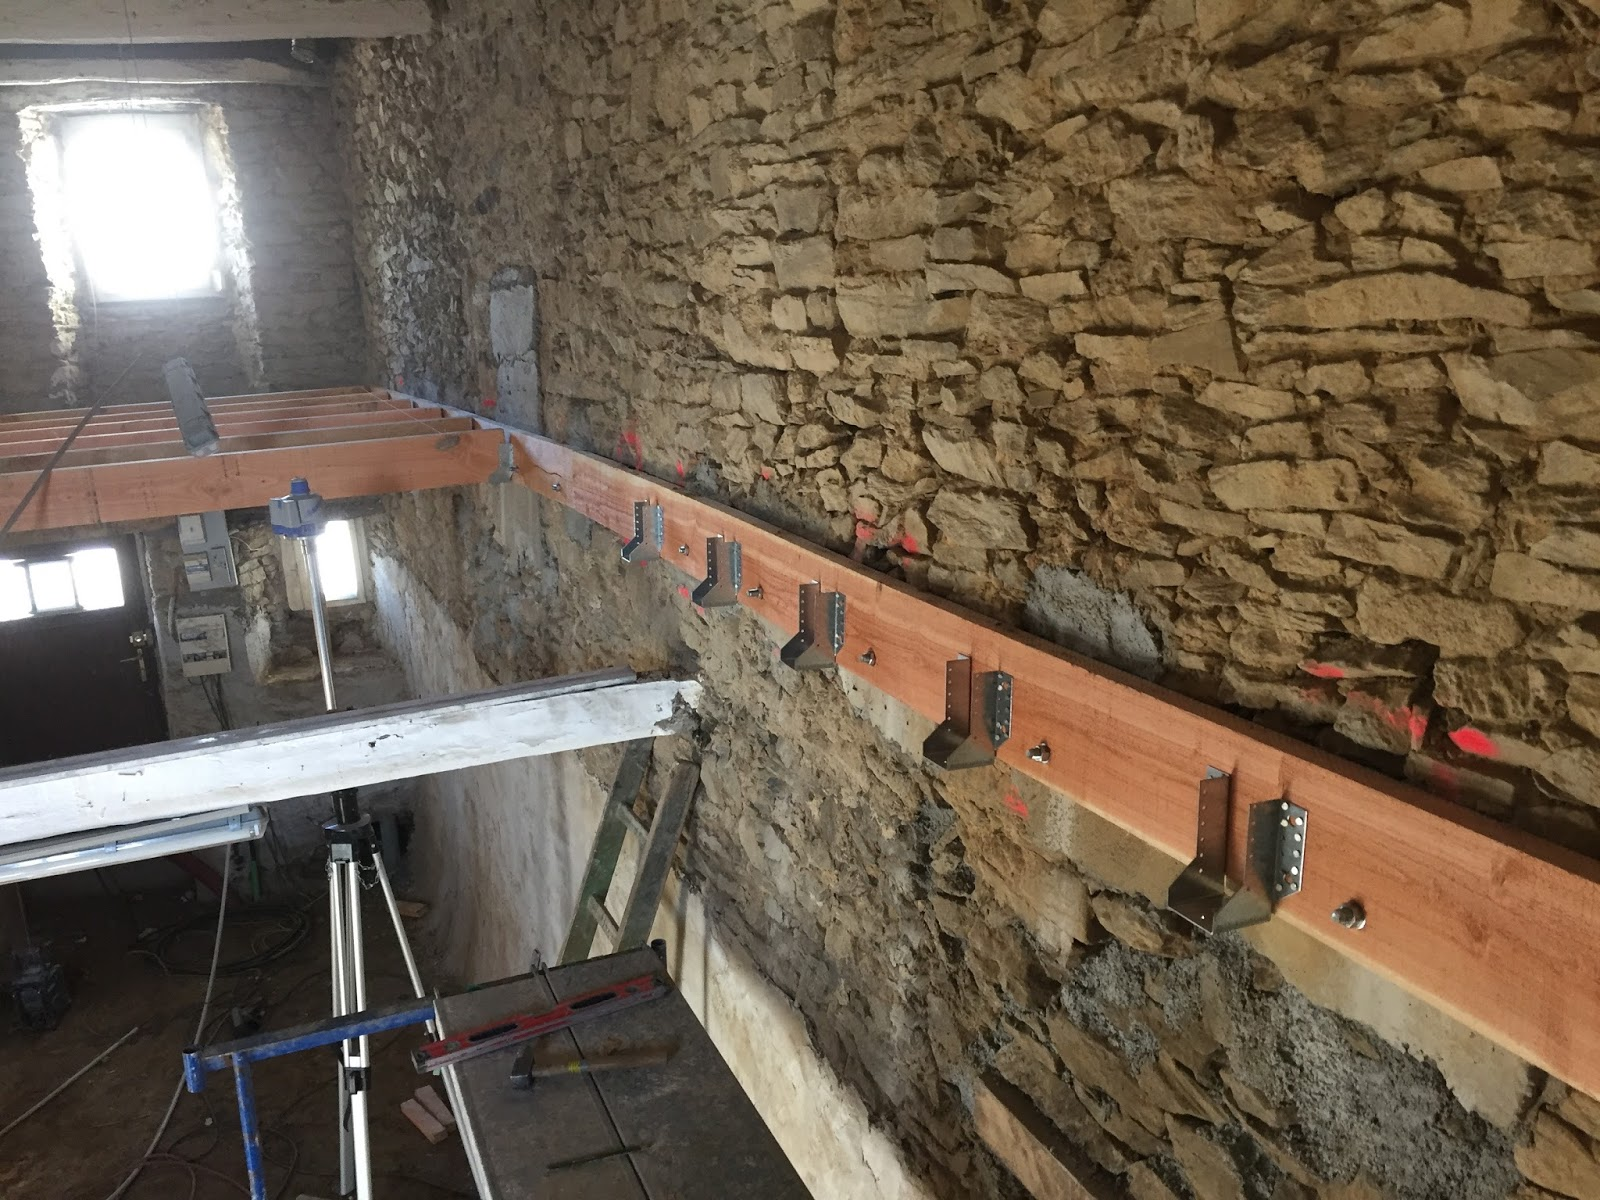 couleurs et frappant gros remise chaussures décontractées Revovation dune vielle maison en pierre: Empoutrement plancher